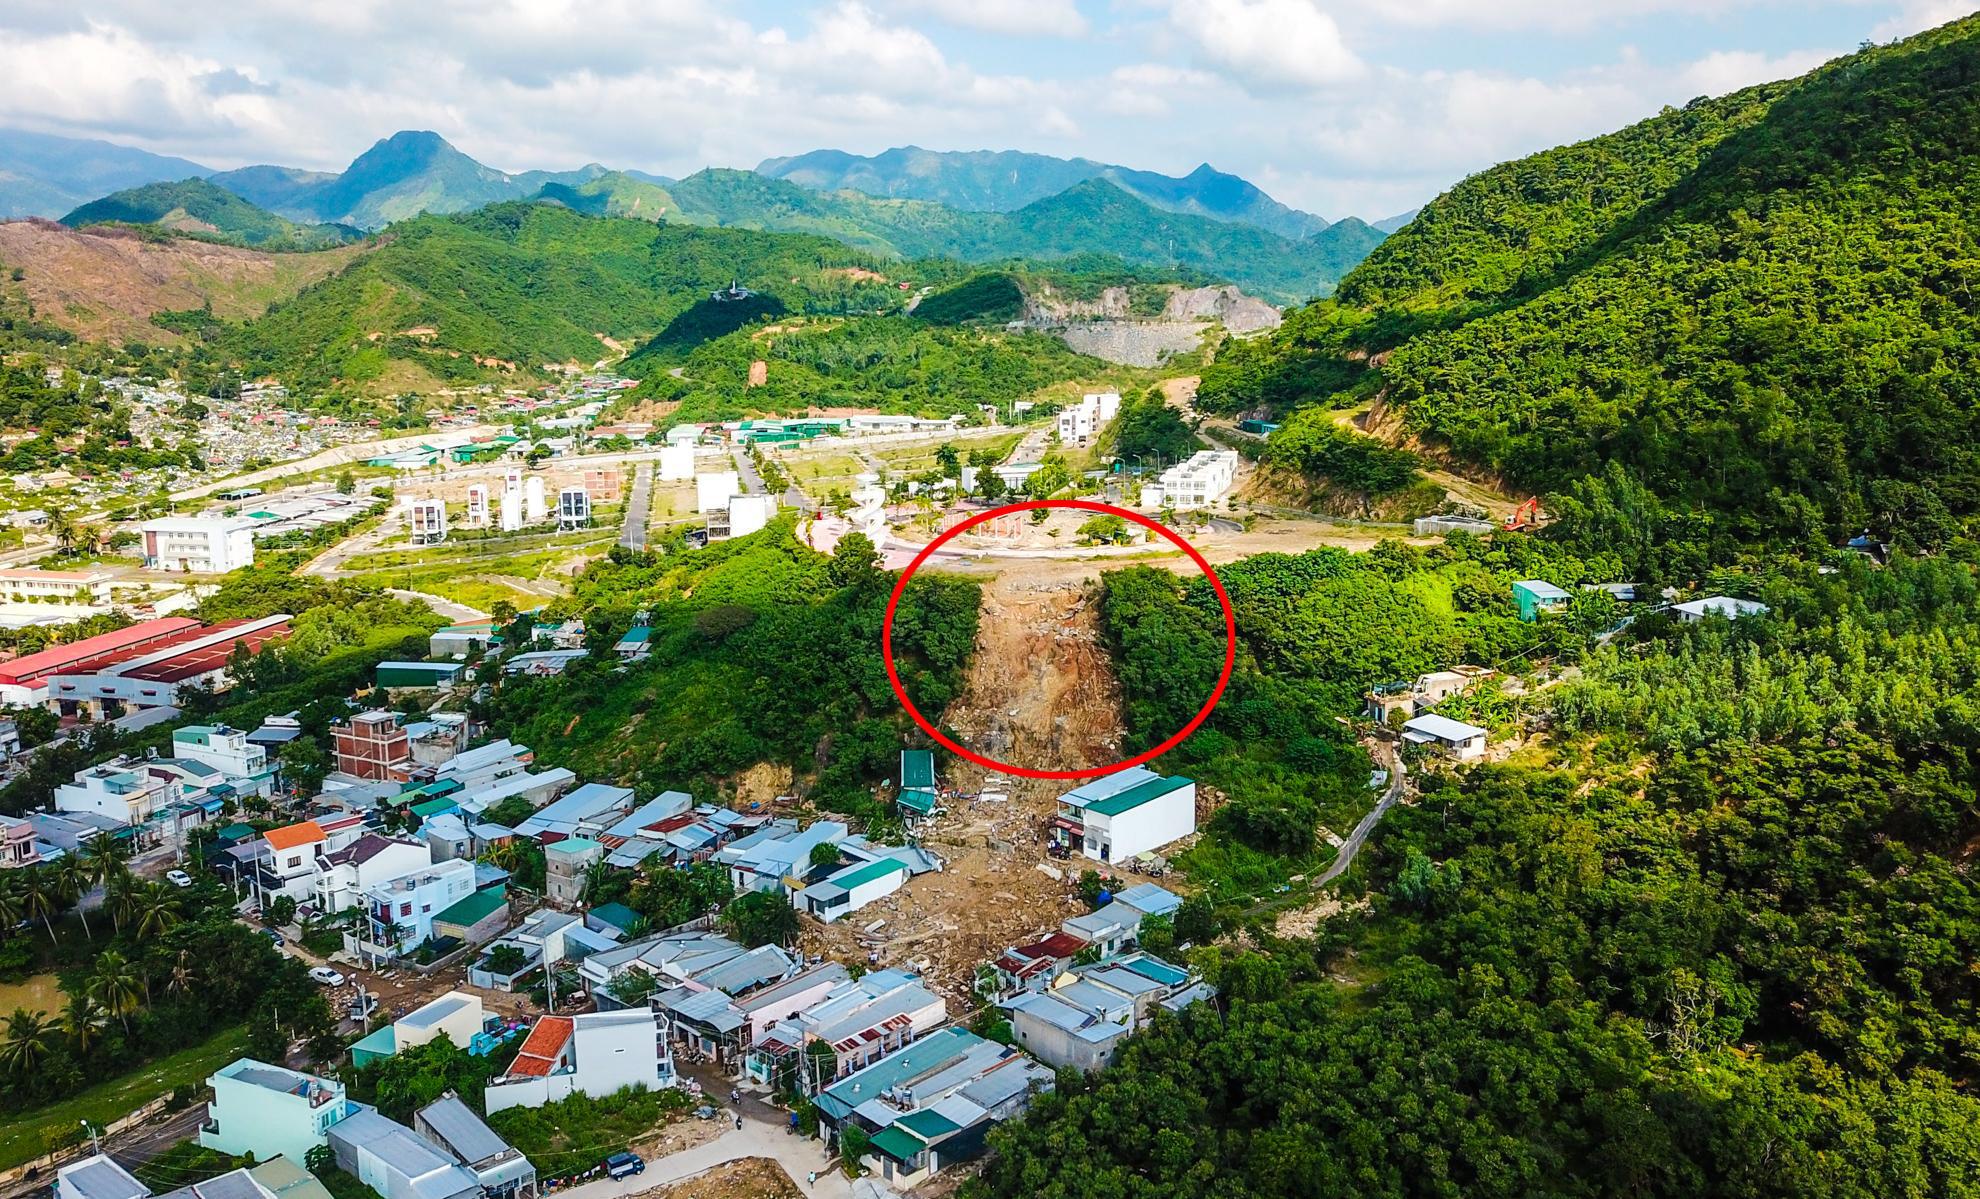 Vỡ hồ làm 4 người chết ở Nha Trang: Nhân tai hay thiên tai?